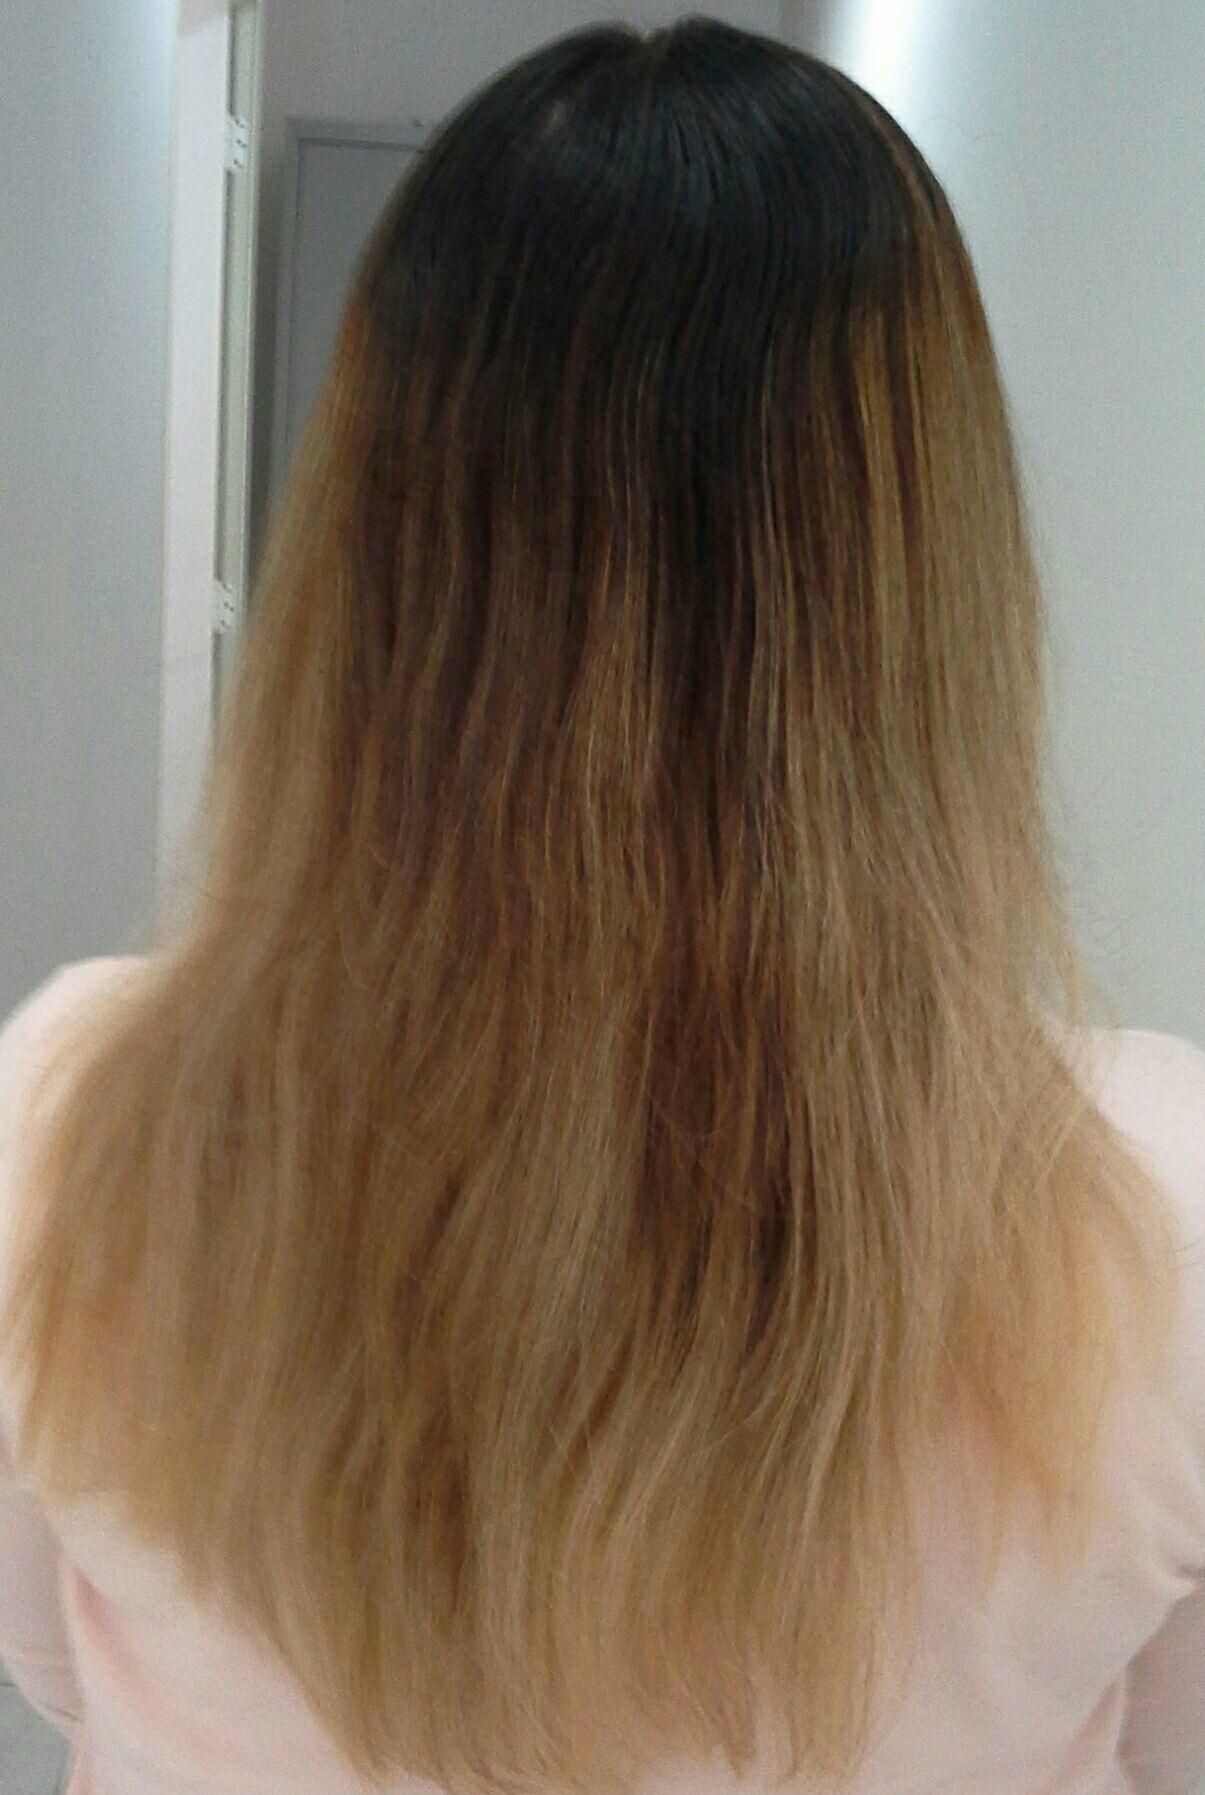 Antes  e depois de uma  correção de cor  Profissional . Vera Lúcia cabelo stylist / visagista cabeleireiro(a)